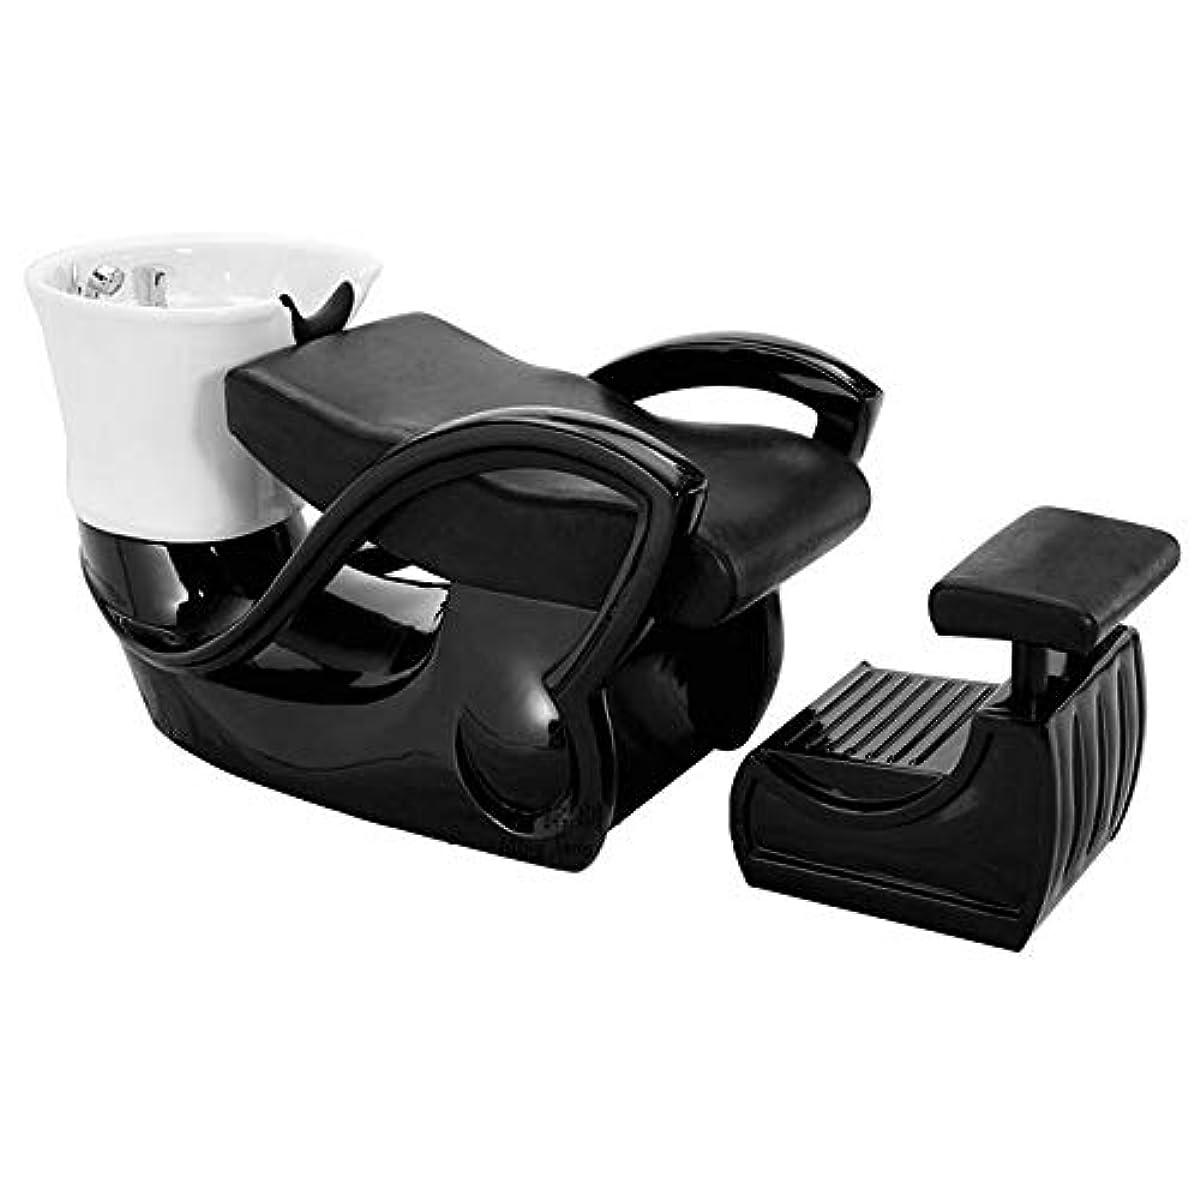 シャンプーの椅子、鉱泉の大広間装置の陶磁器の深い洗面器のシャンプーのベッドのための逆洗の単位のシャンプーボールの理髪の流しの椅子